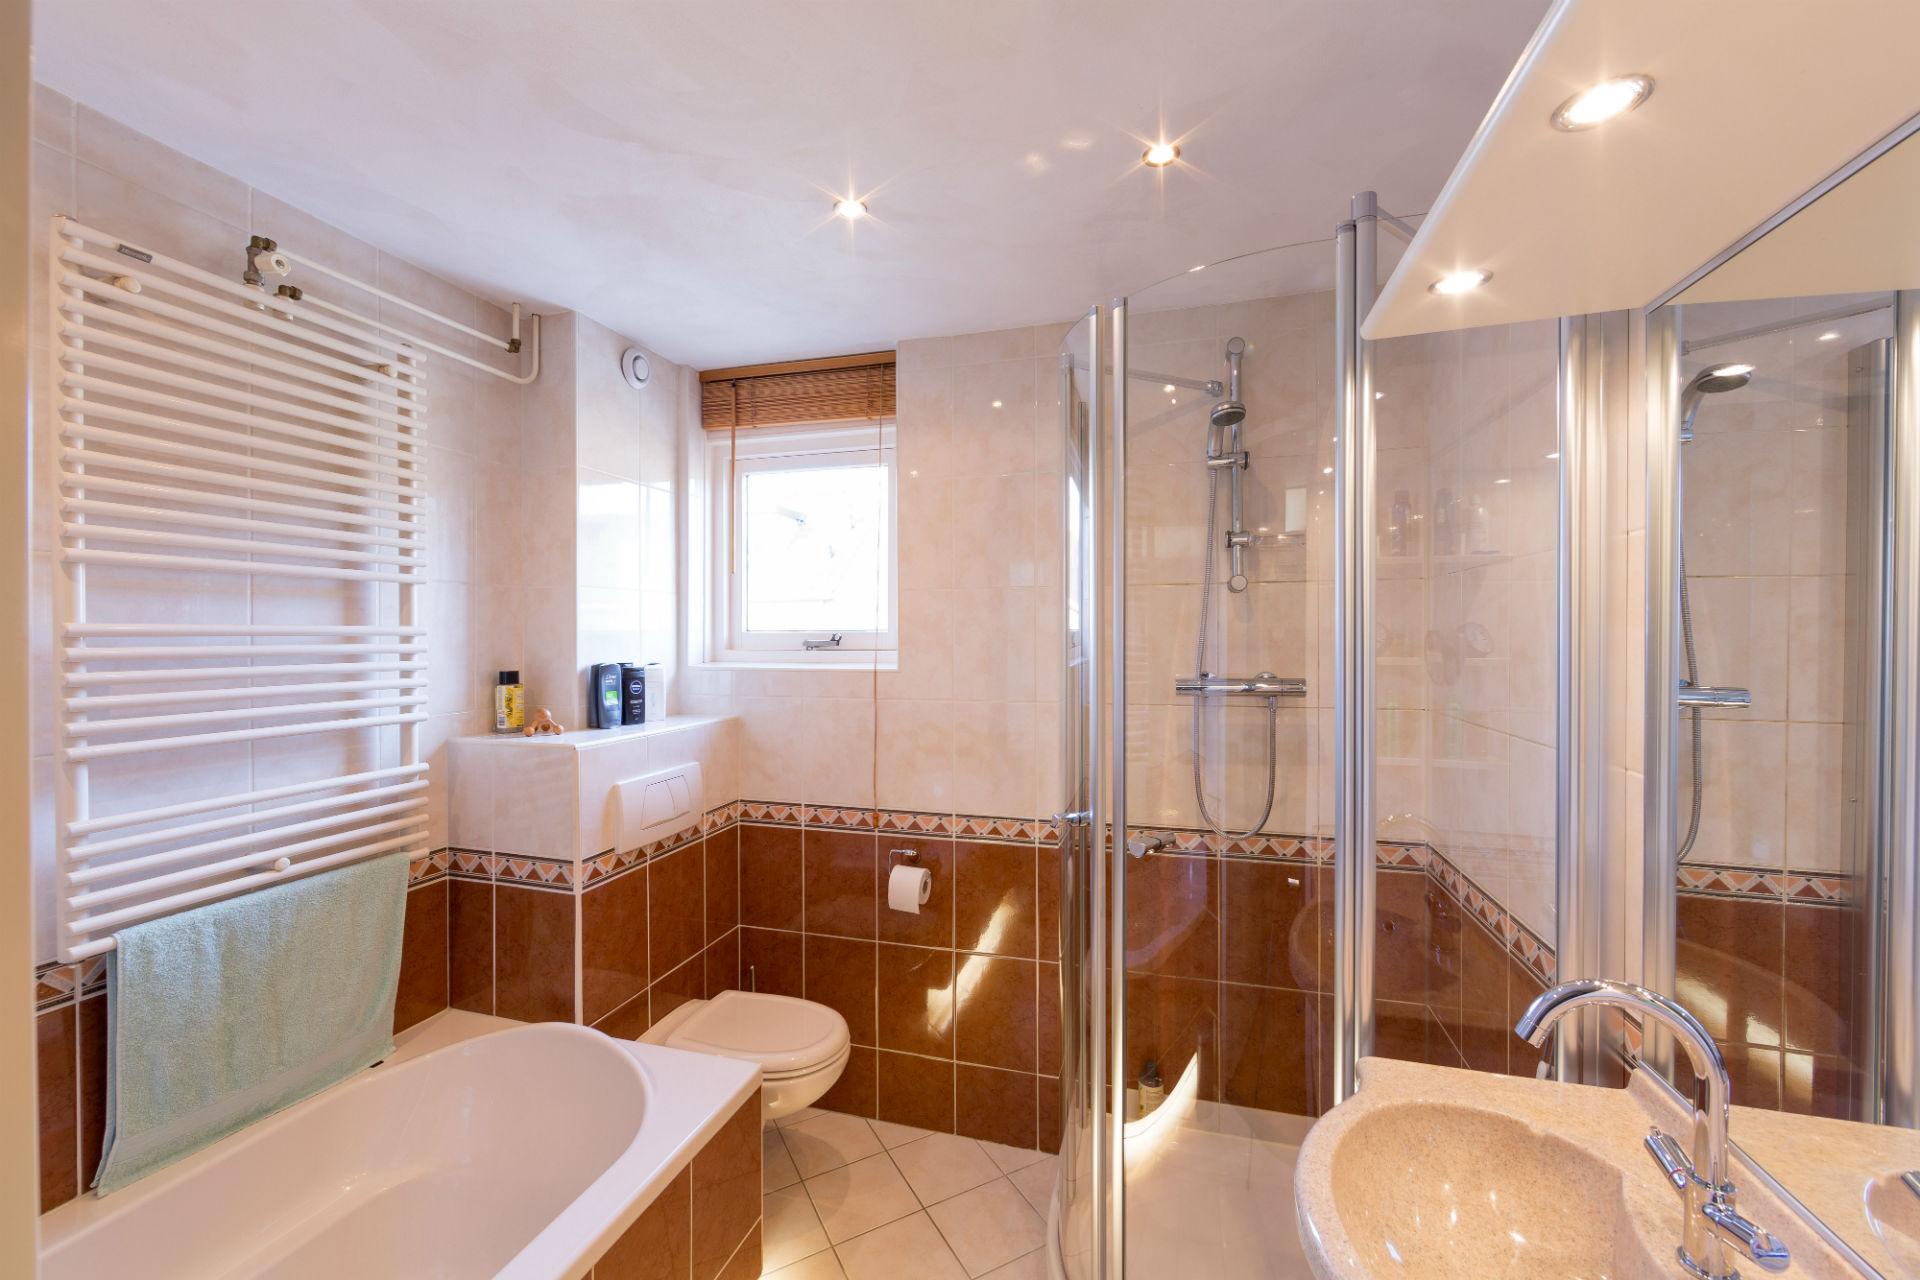 Badkamer voor renovatie